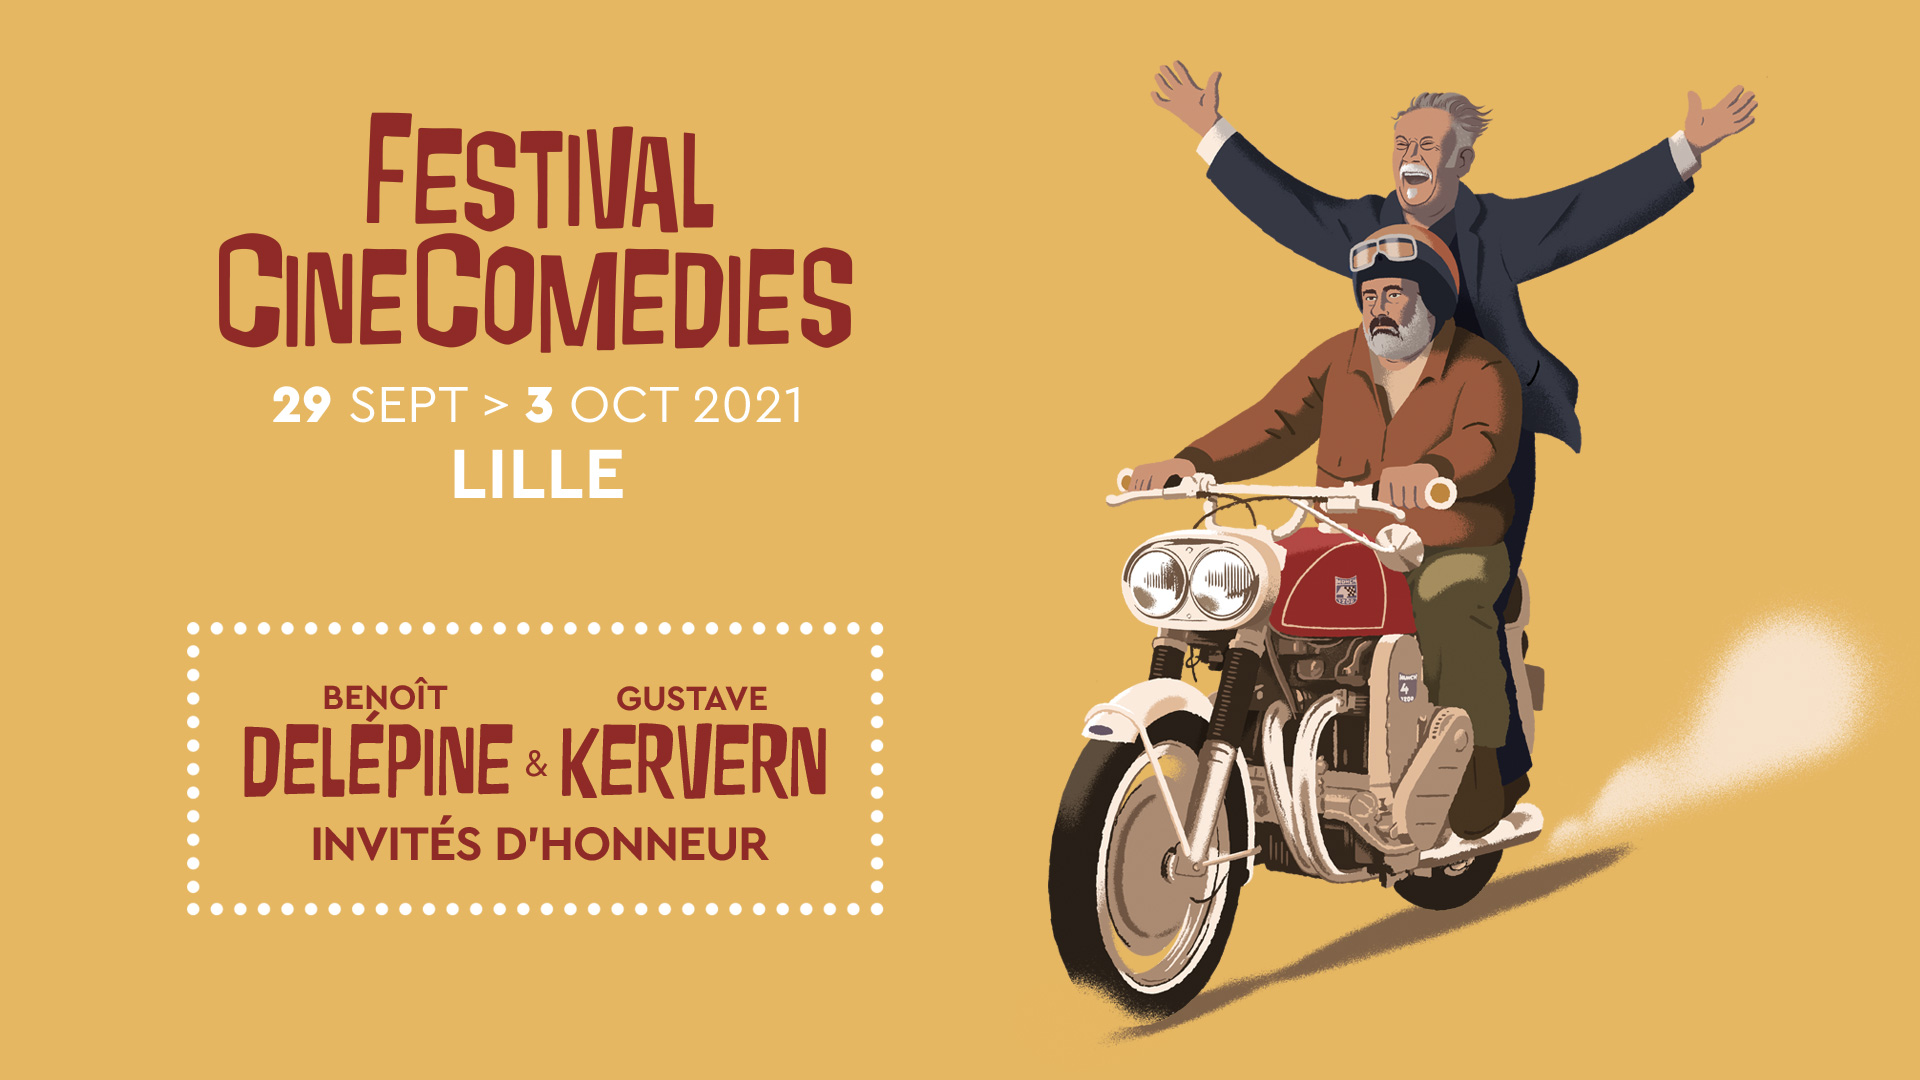 Delépine & Kervern Invités d'honneur du Festival CineComedies